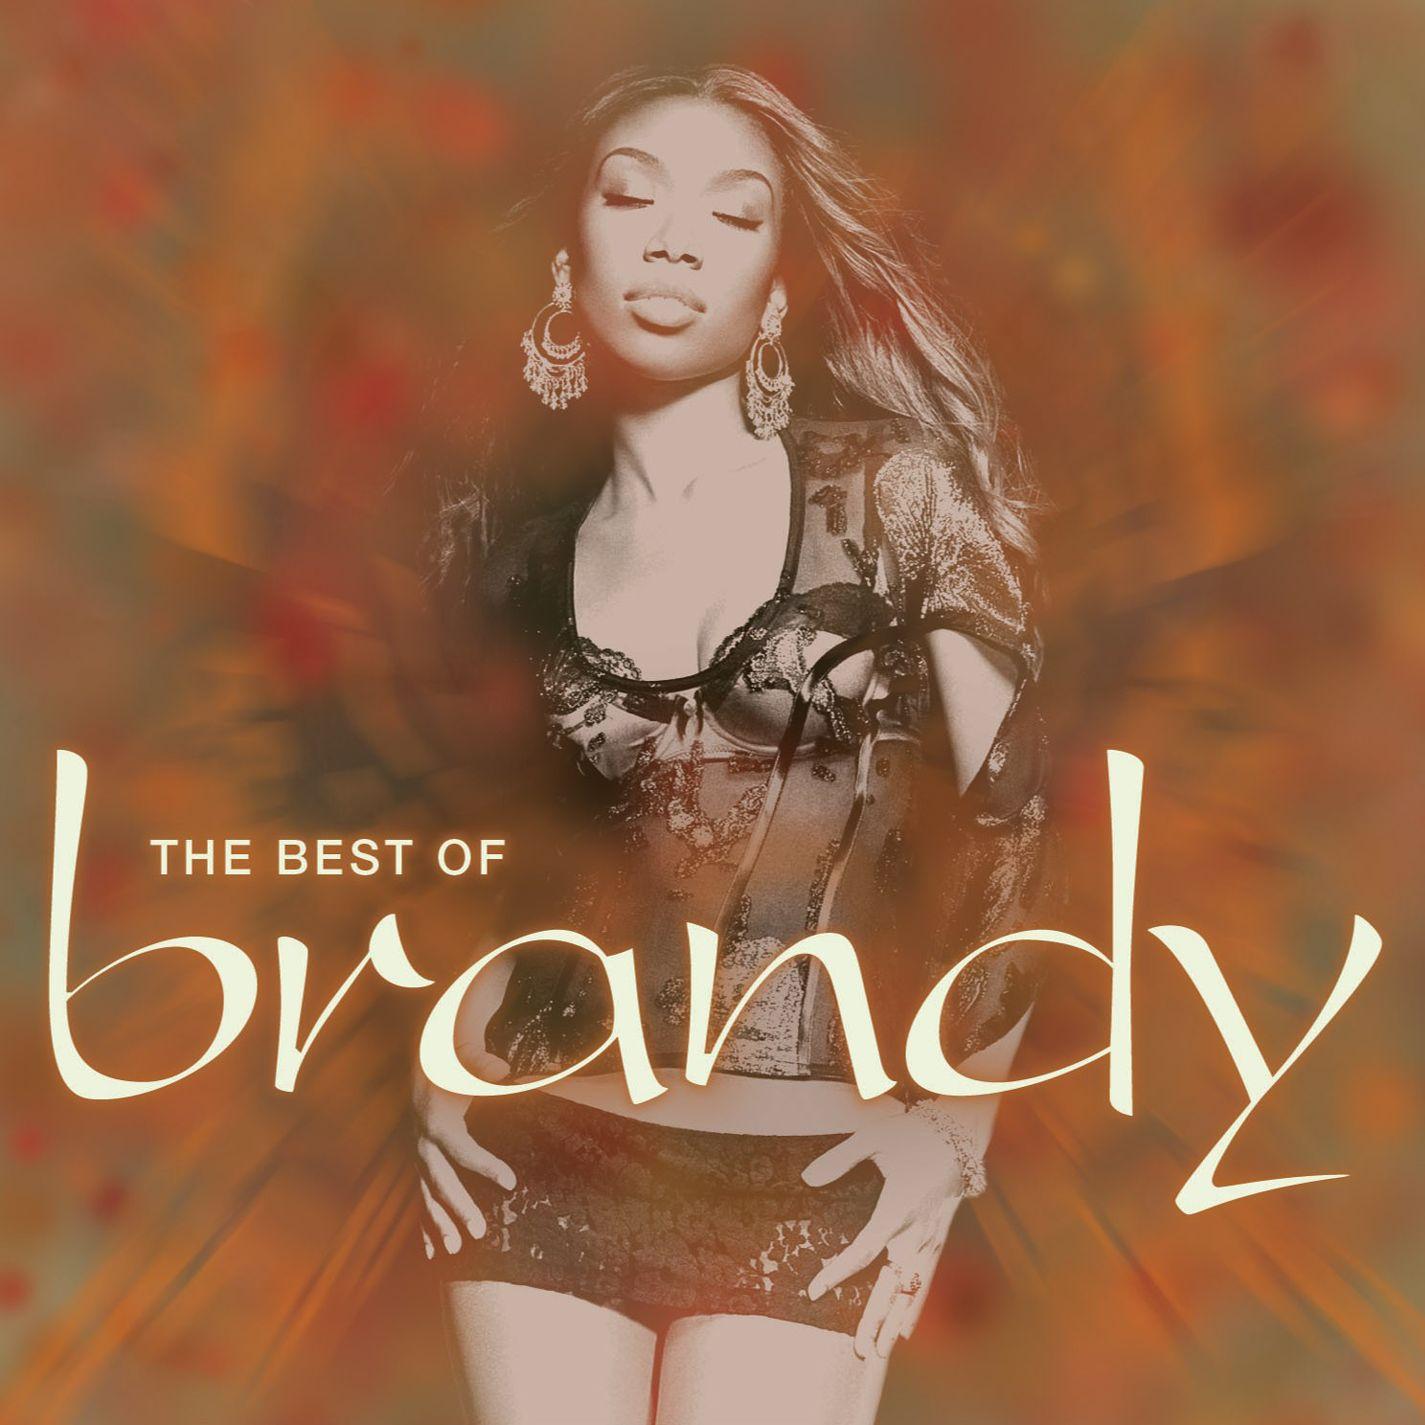 The Best of Brandy - Brandy